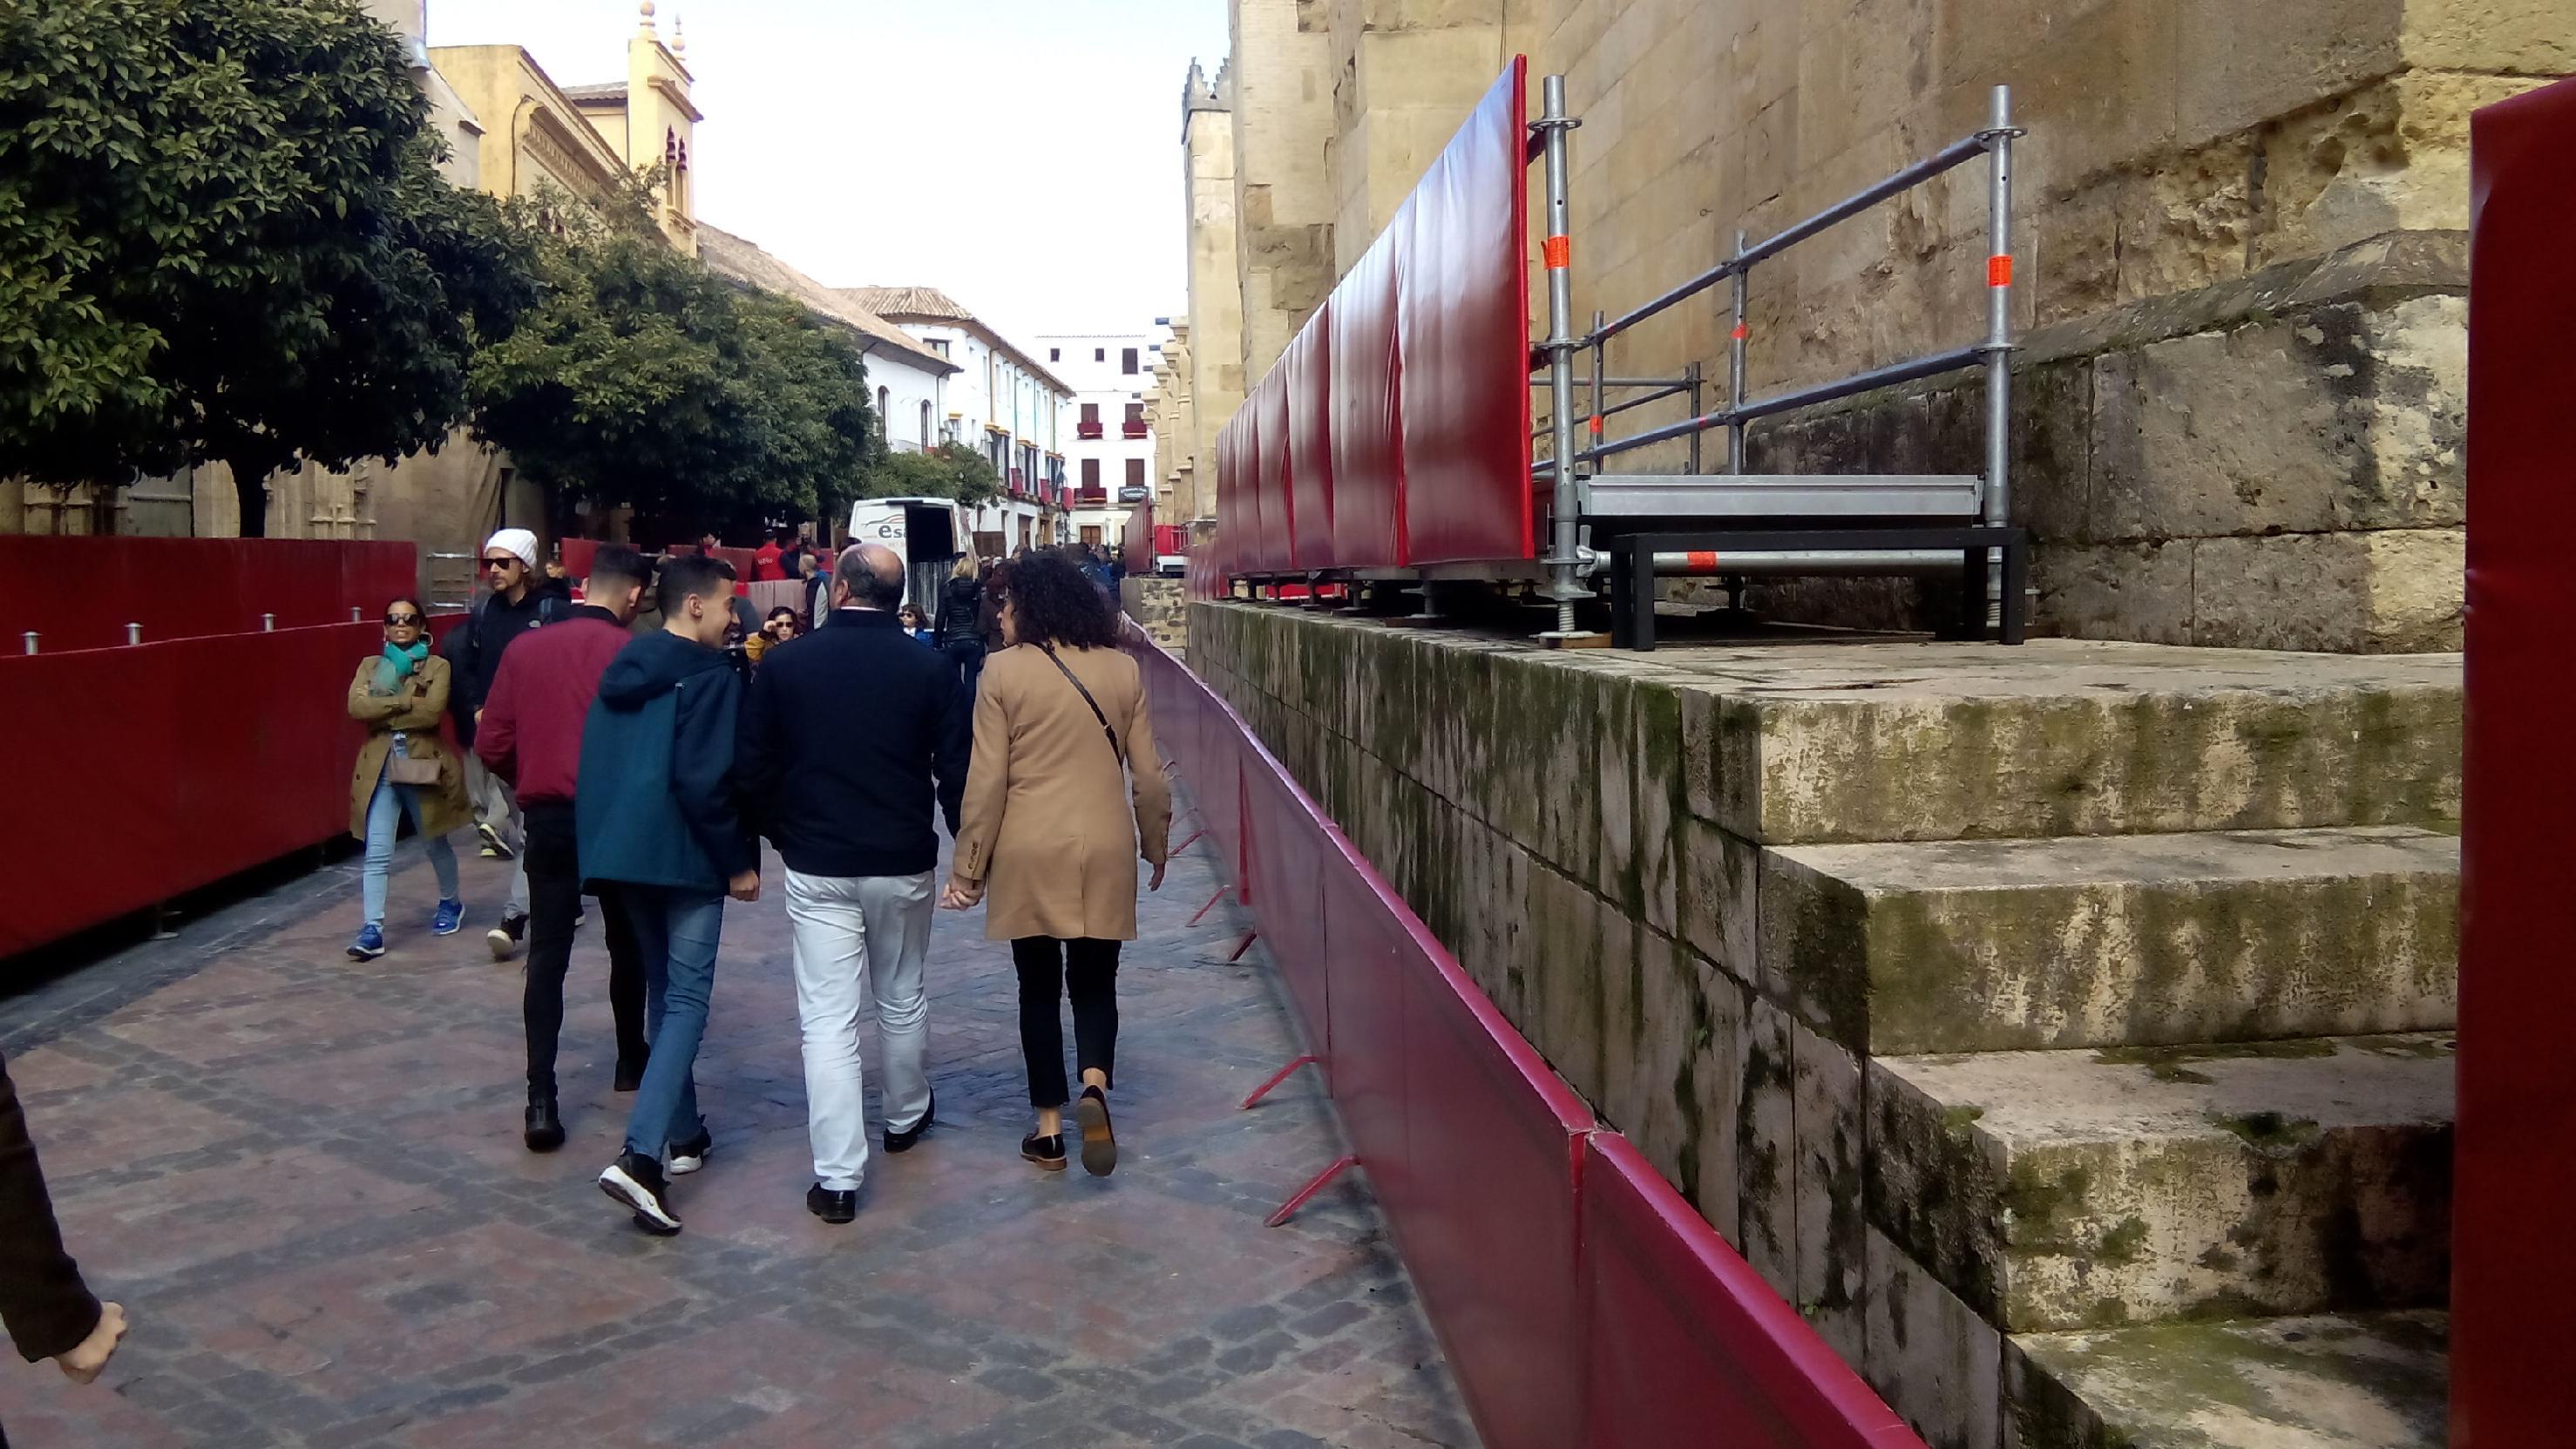 La Plataforma solicita a Patrimonio Cultural de la Junta, Icomos y Ayuntamiento que se evite la instalación de palcos en el entorno de la Mezquita